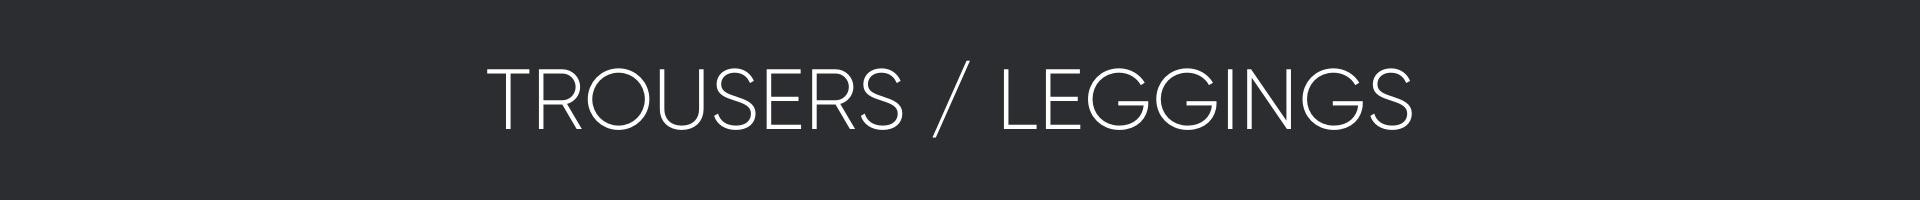 Trousers / Leggings Banner